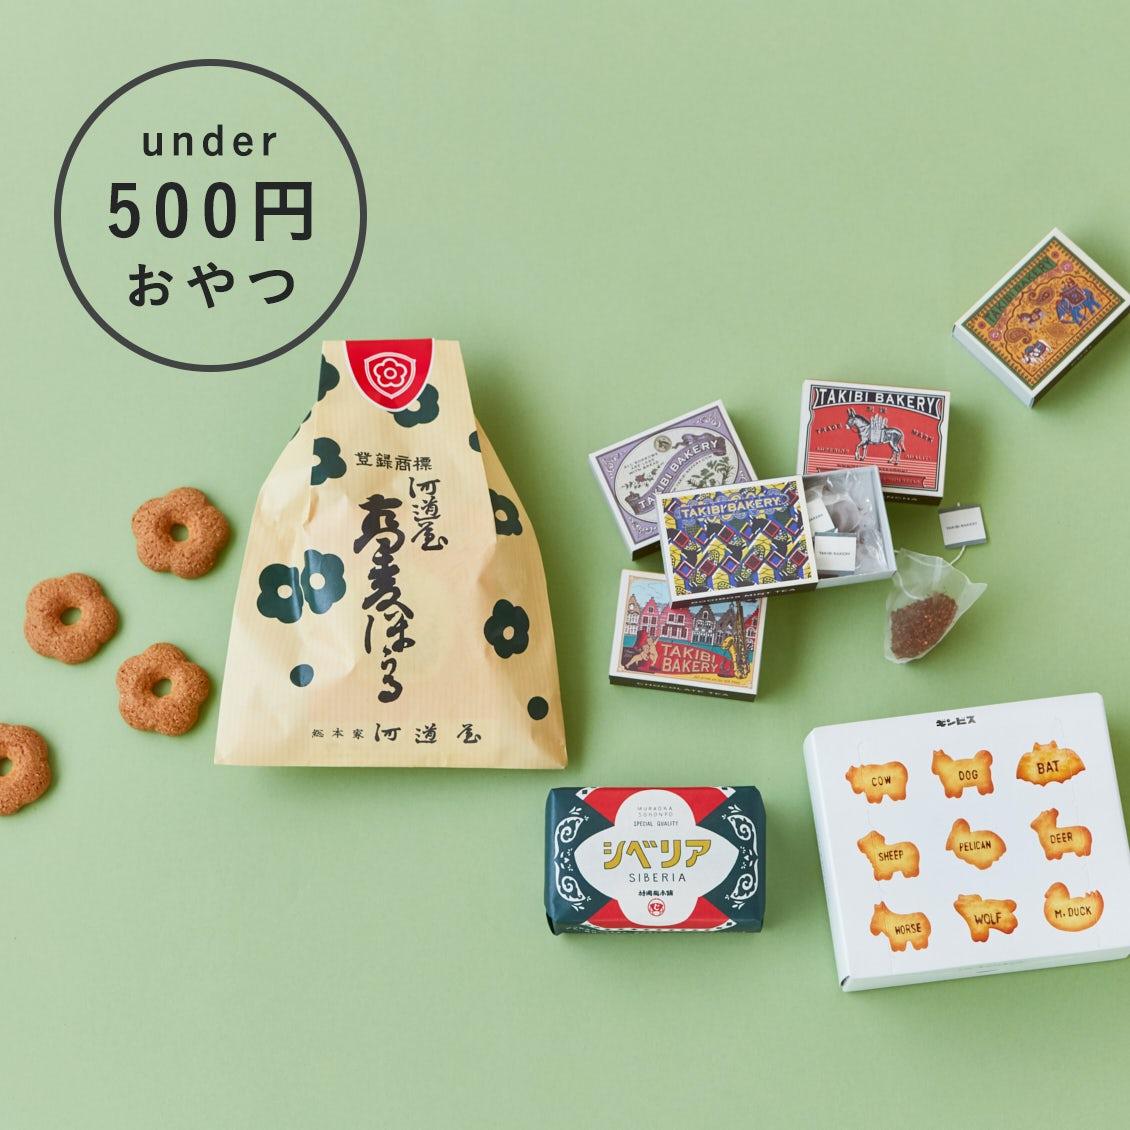 【ときめく手みやげ】続・アンダー500円おやつ。気持ちなごむ、レトロなお菓子